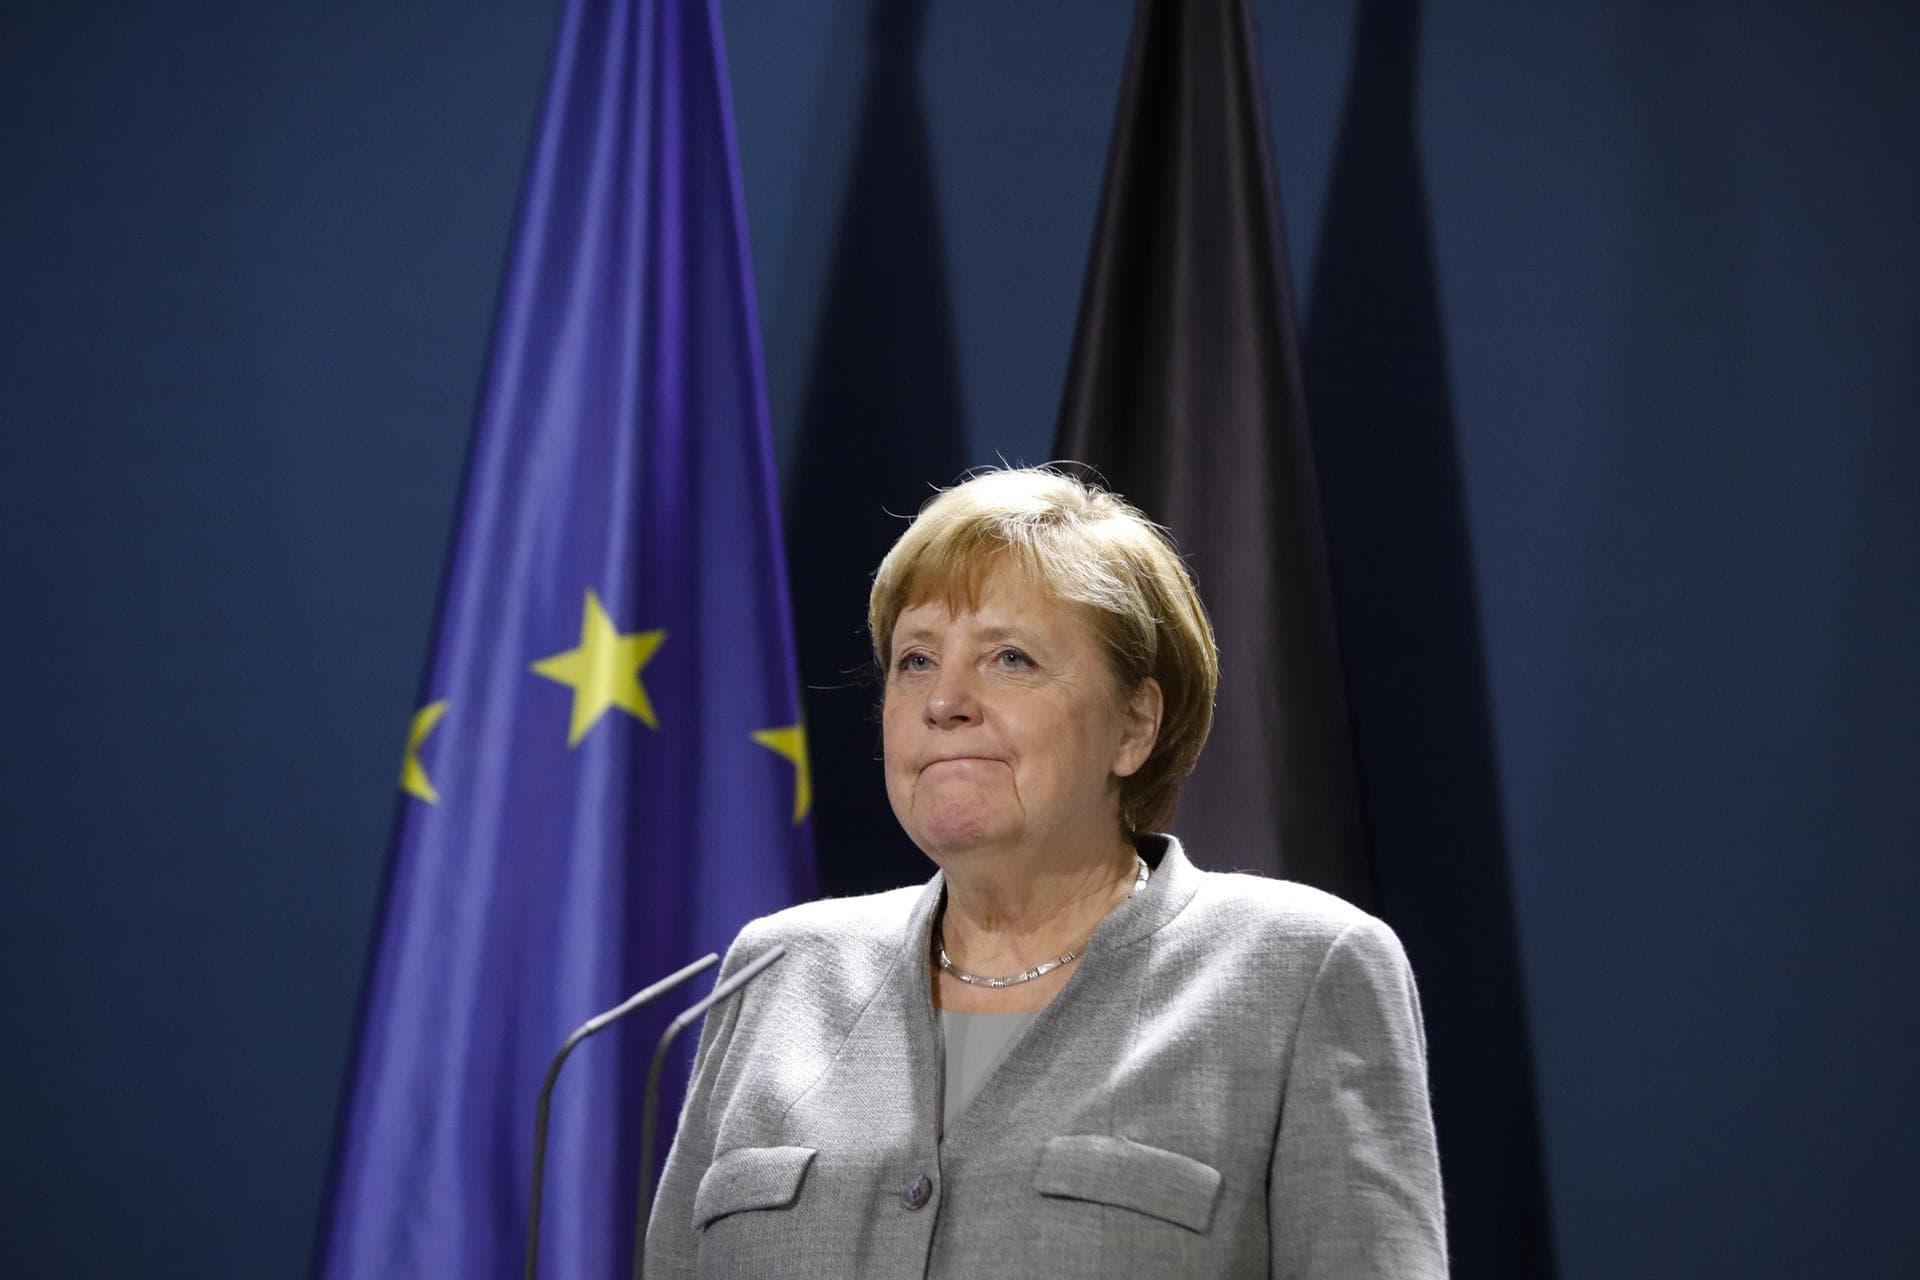 Kein schneller Durchbruch im EU-Haushaltsstreit Veto von Ungarn und Polen